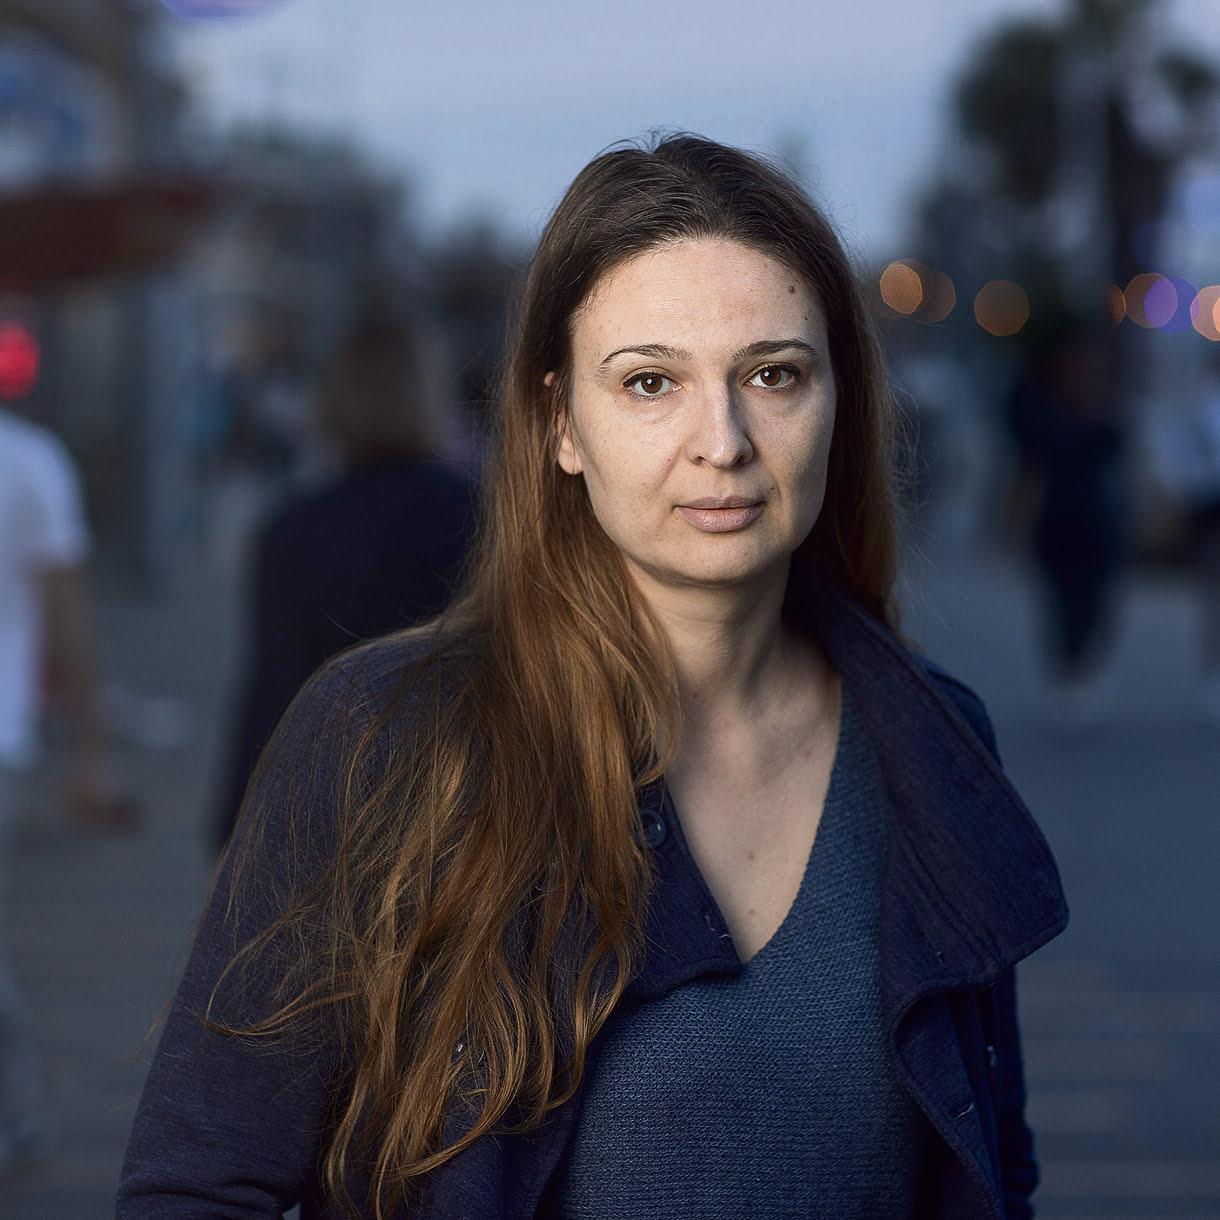 victime d'une tentative de meurtre par son ex-mari, elle subit son contre interrogatoire